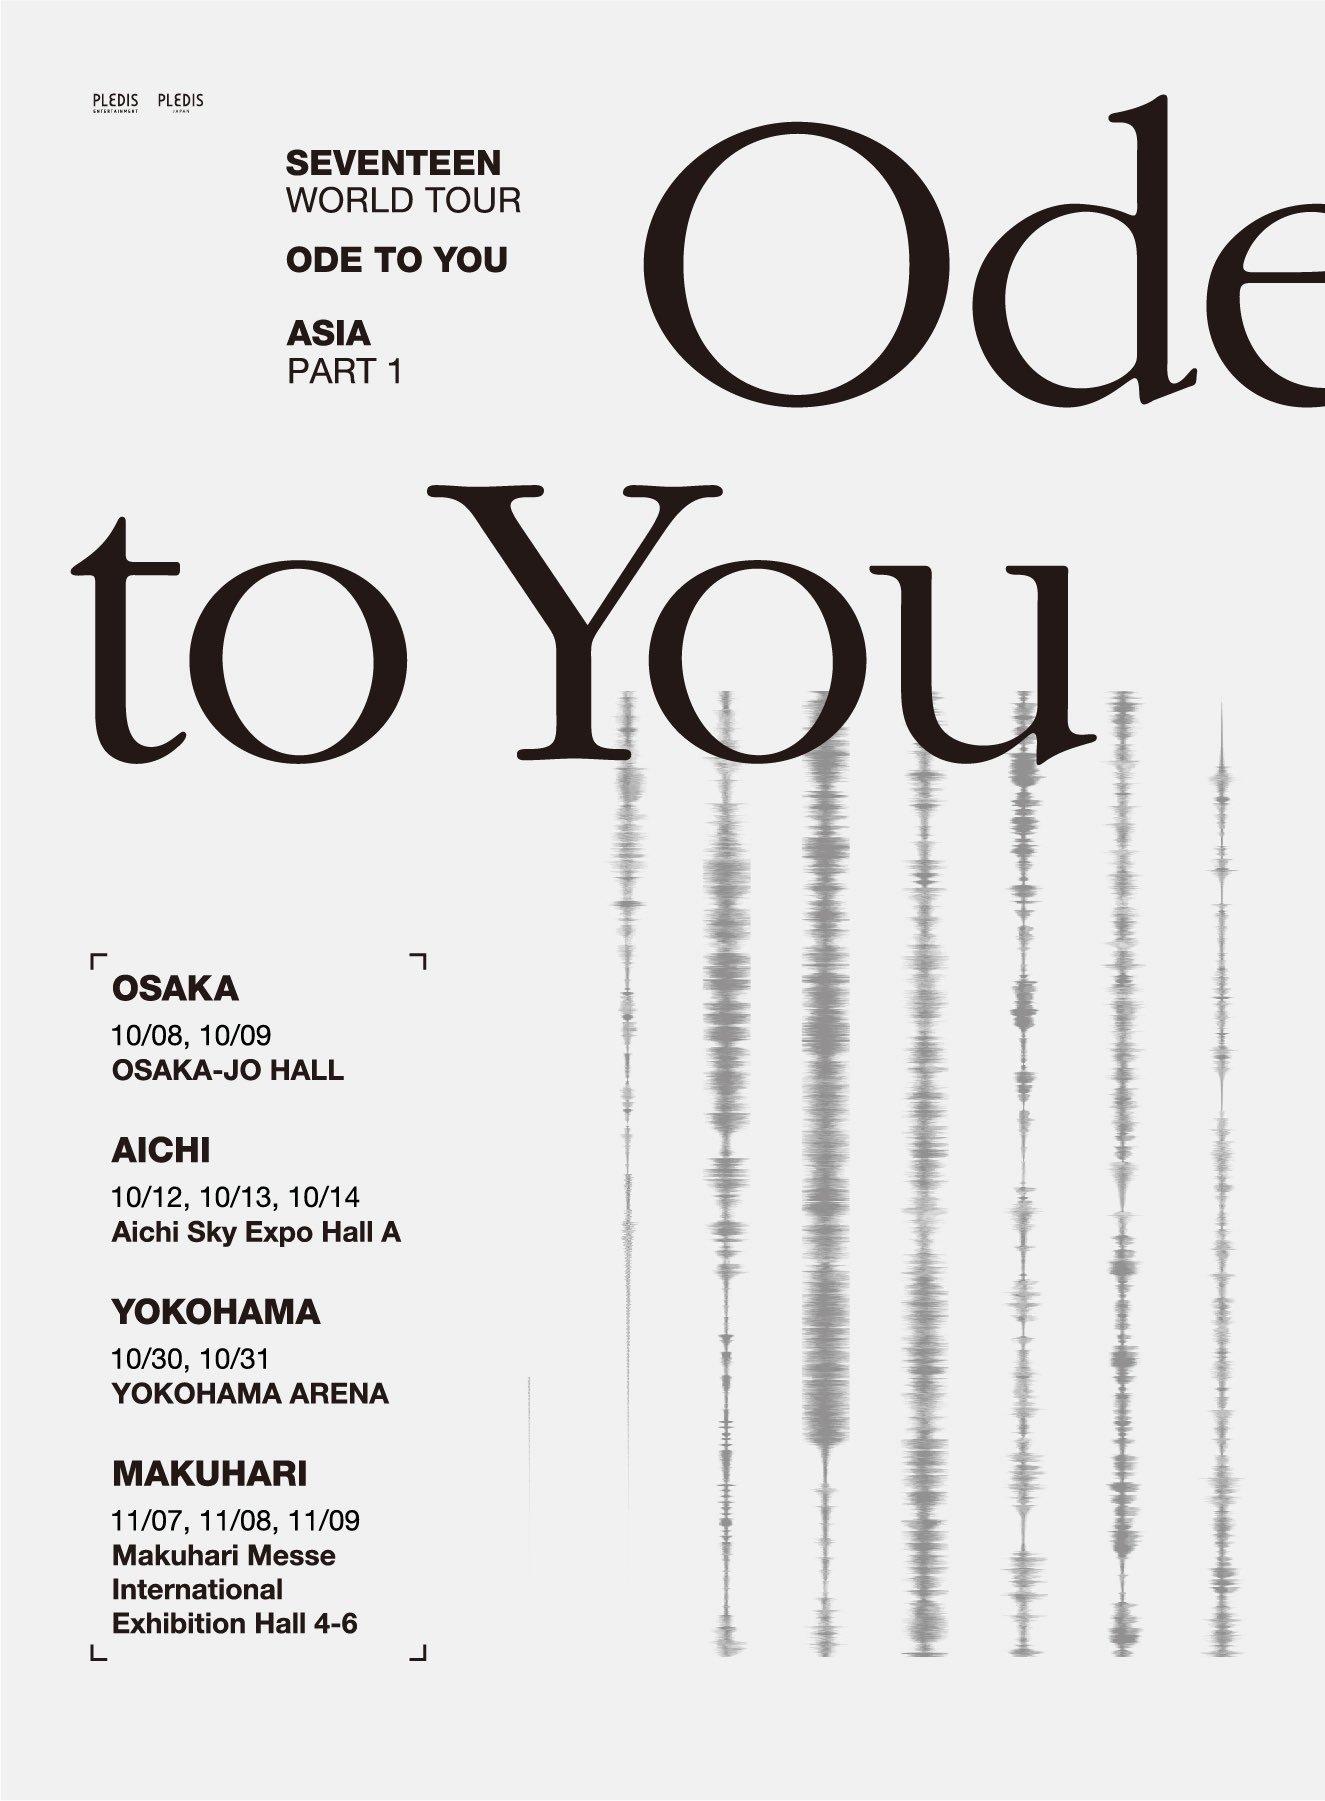 seventeen, seventeen tour, seventeen ode to you, seventeen ticket, seventeen concert, seventeen comeback